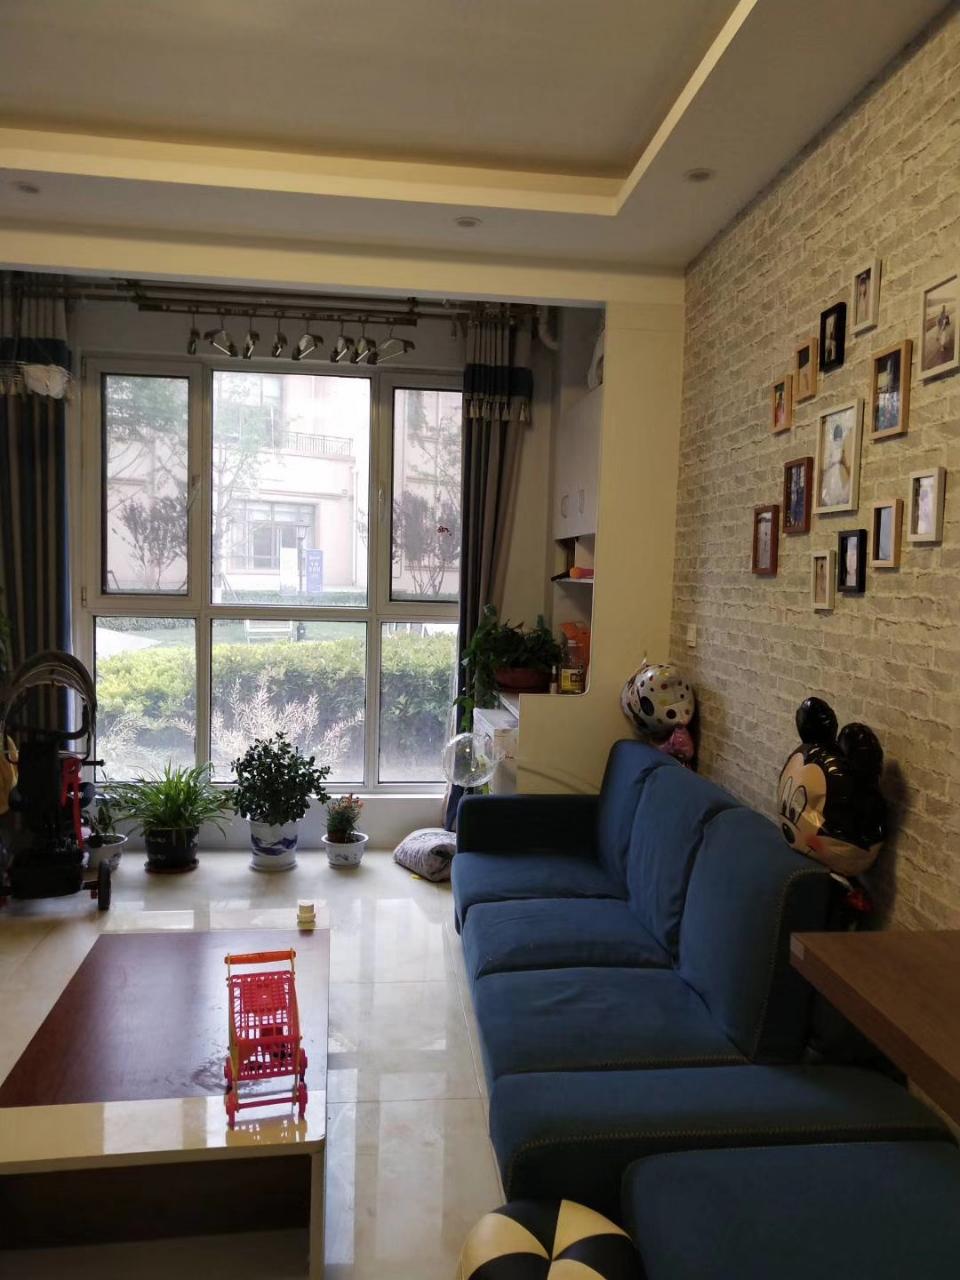 201905中南世纪城精装2室2厅1卫56万元